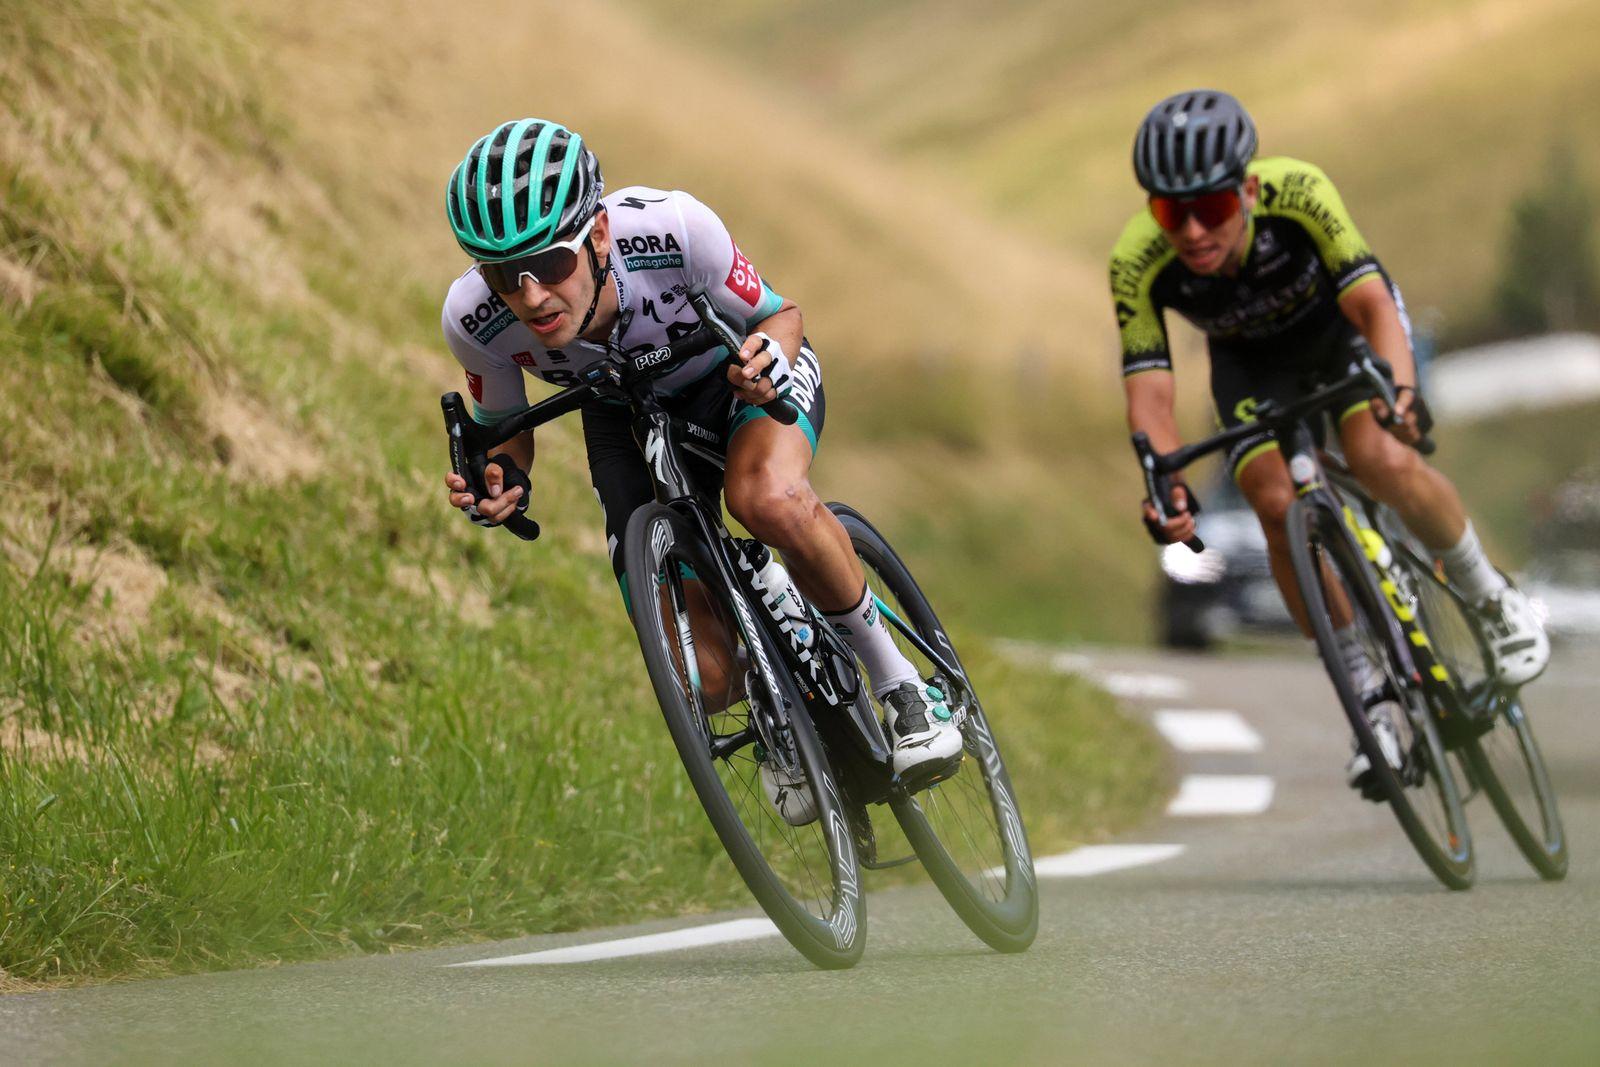 Tour de France 2020 - 107th Edition - 8th stage Cazeres - Loudenvielle 141 km - 05/09/2020 - Emanuel Buchmann (GER - Bor